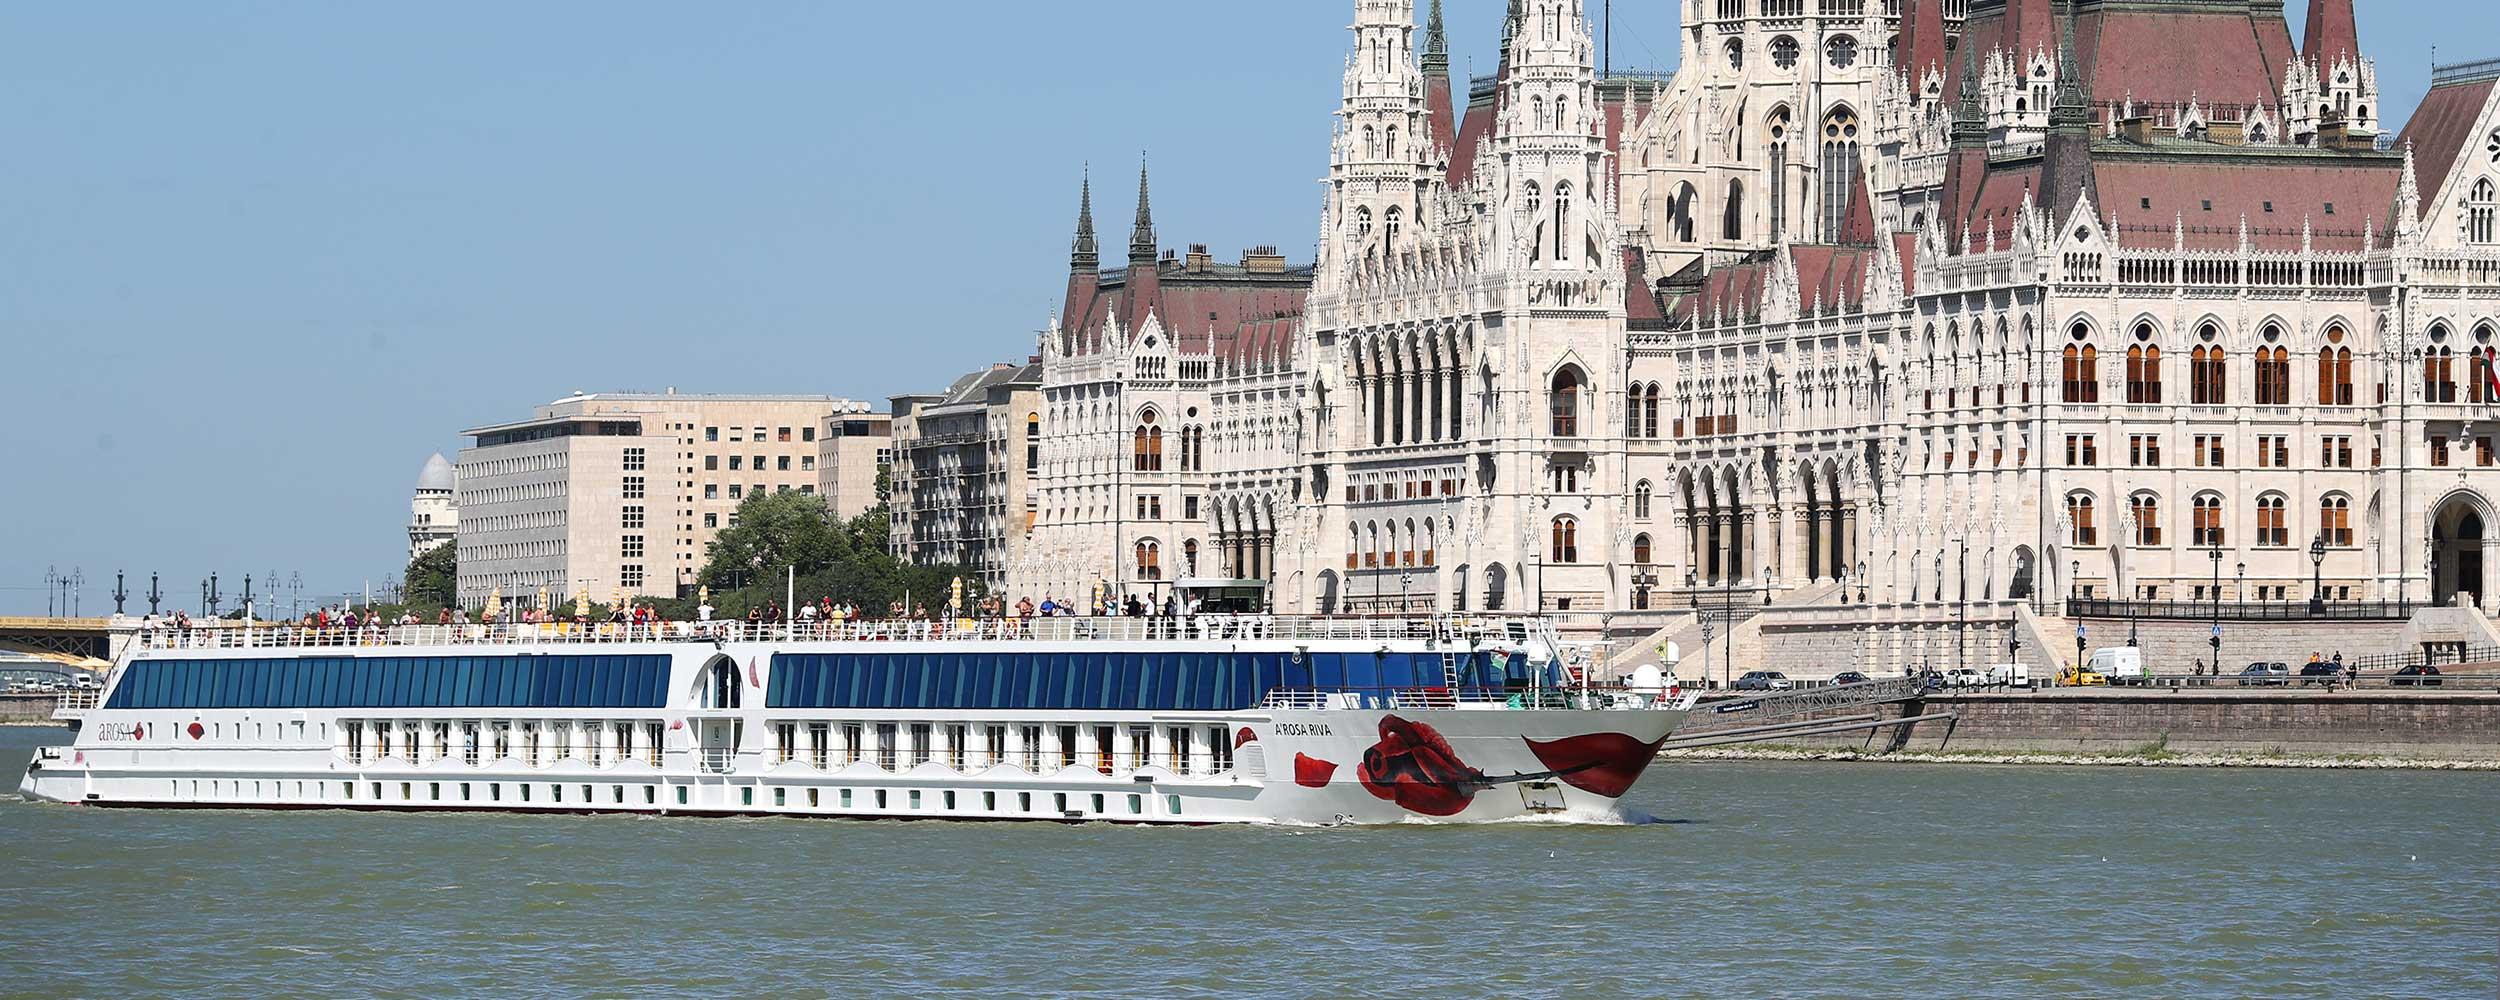 7 Nächte ab Wien, Esztergom, Budapest, Bratislava, Wachau, Krems und Melk nach Engelhartszell (Passau).